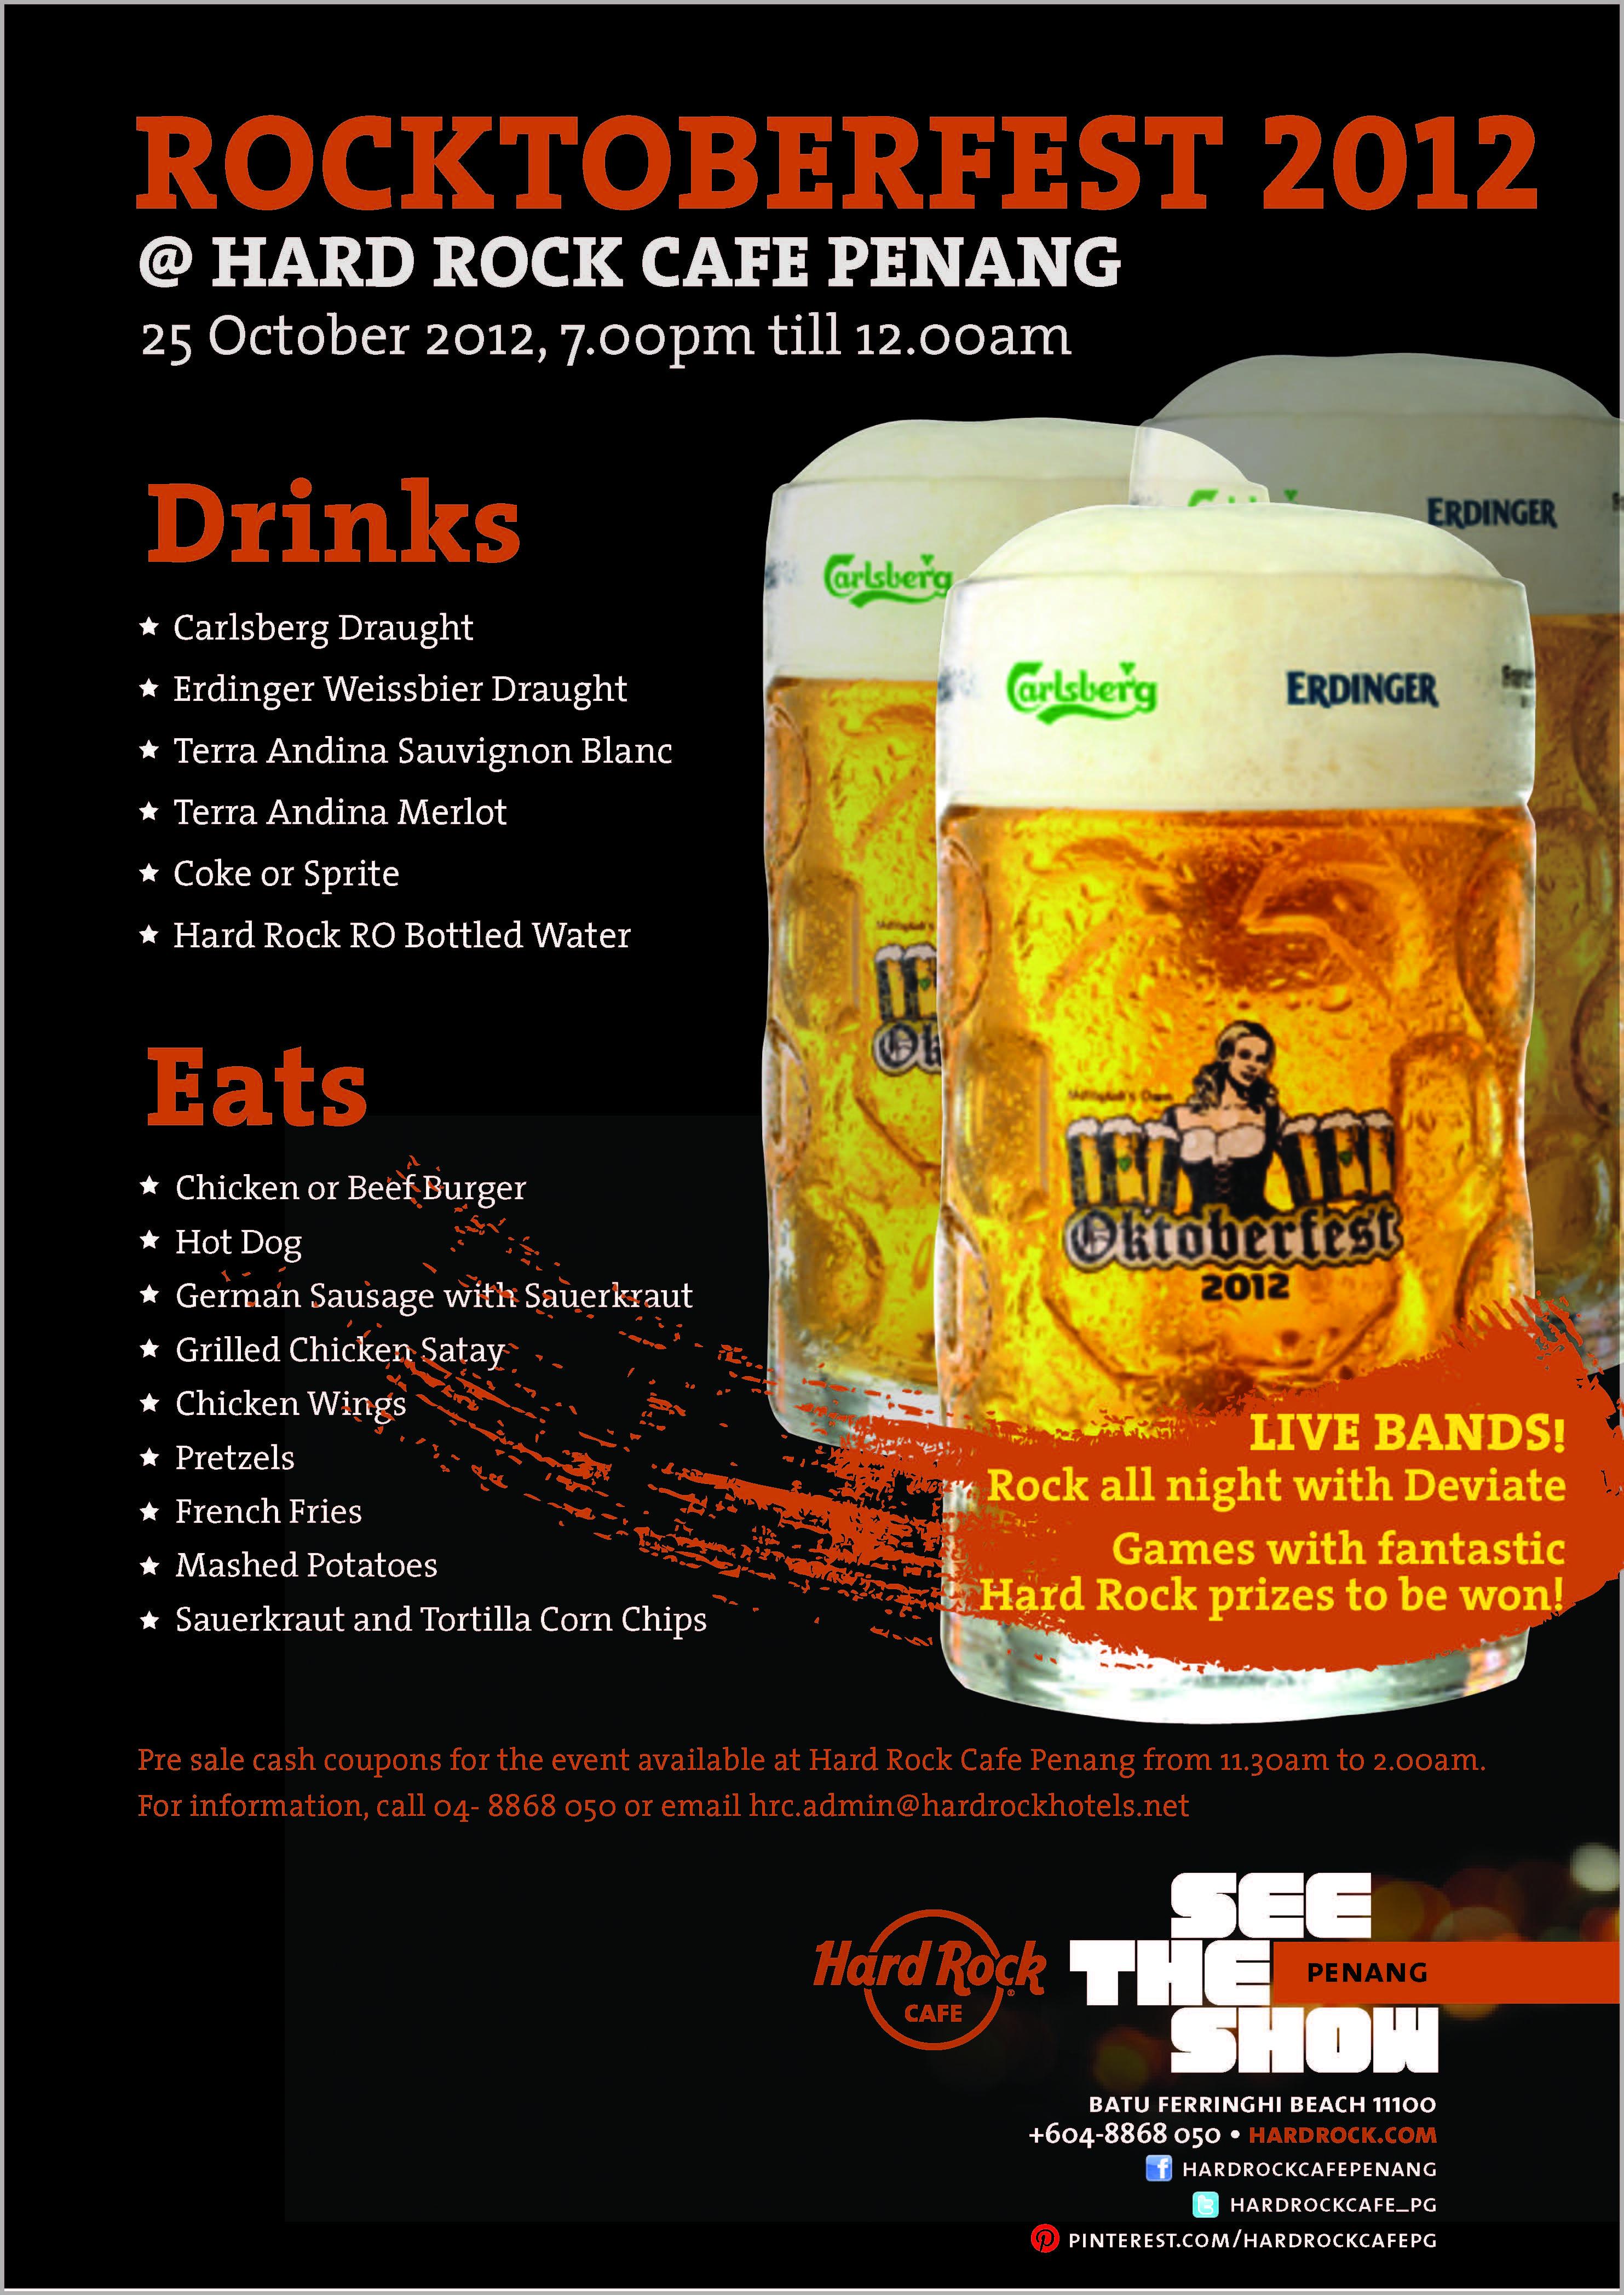 Hard Rock Cafe Penang Rocktoberfest, Be Here For Dinner,Live Band,